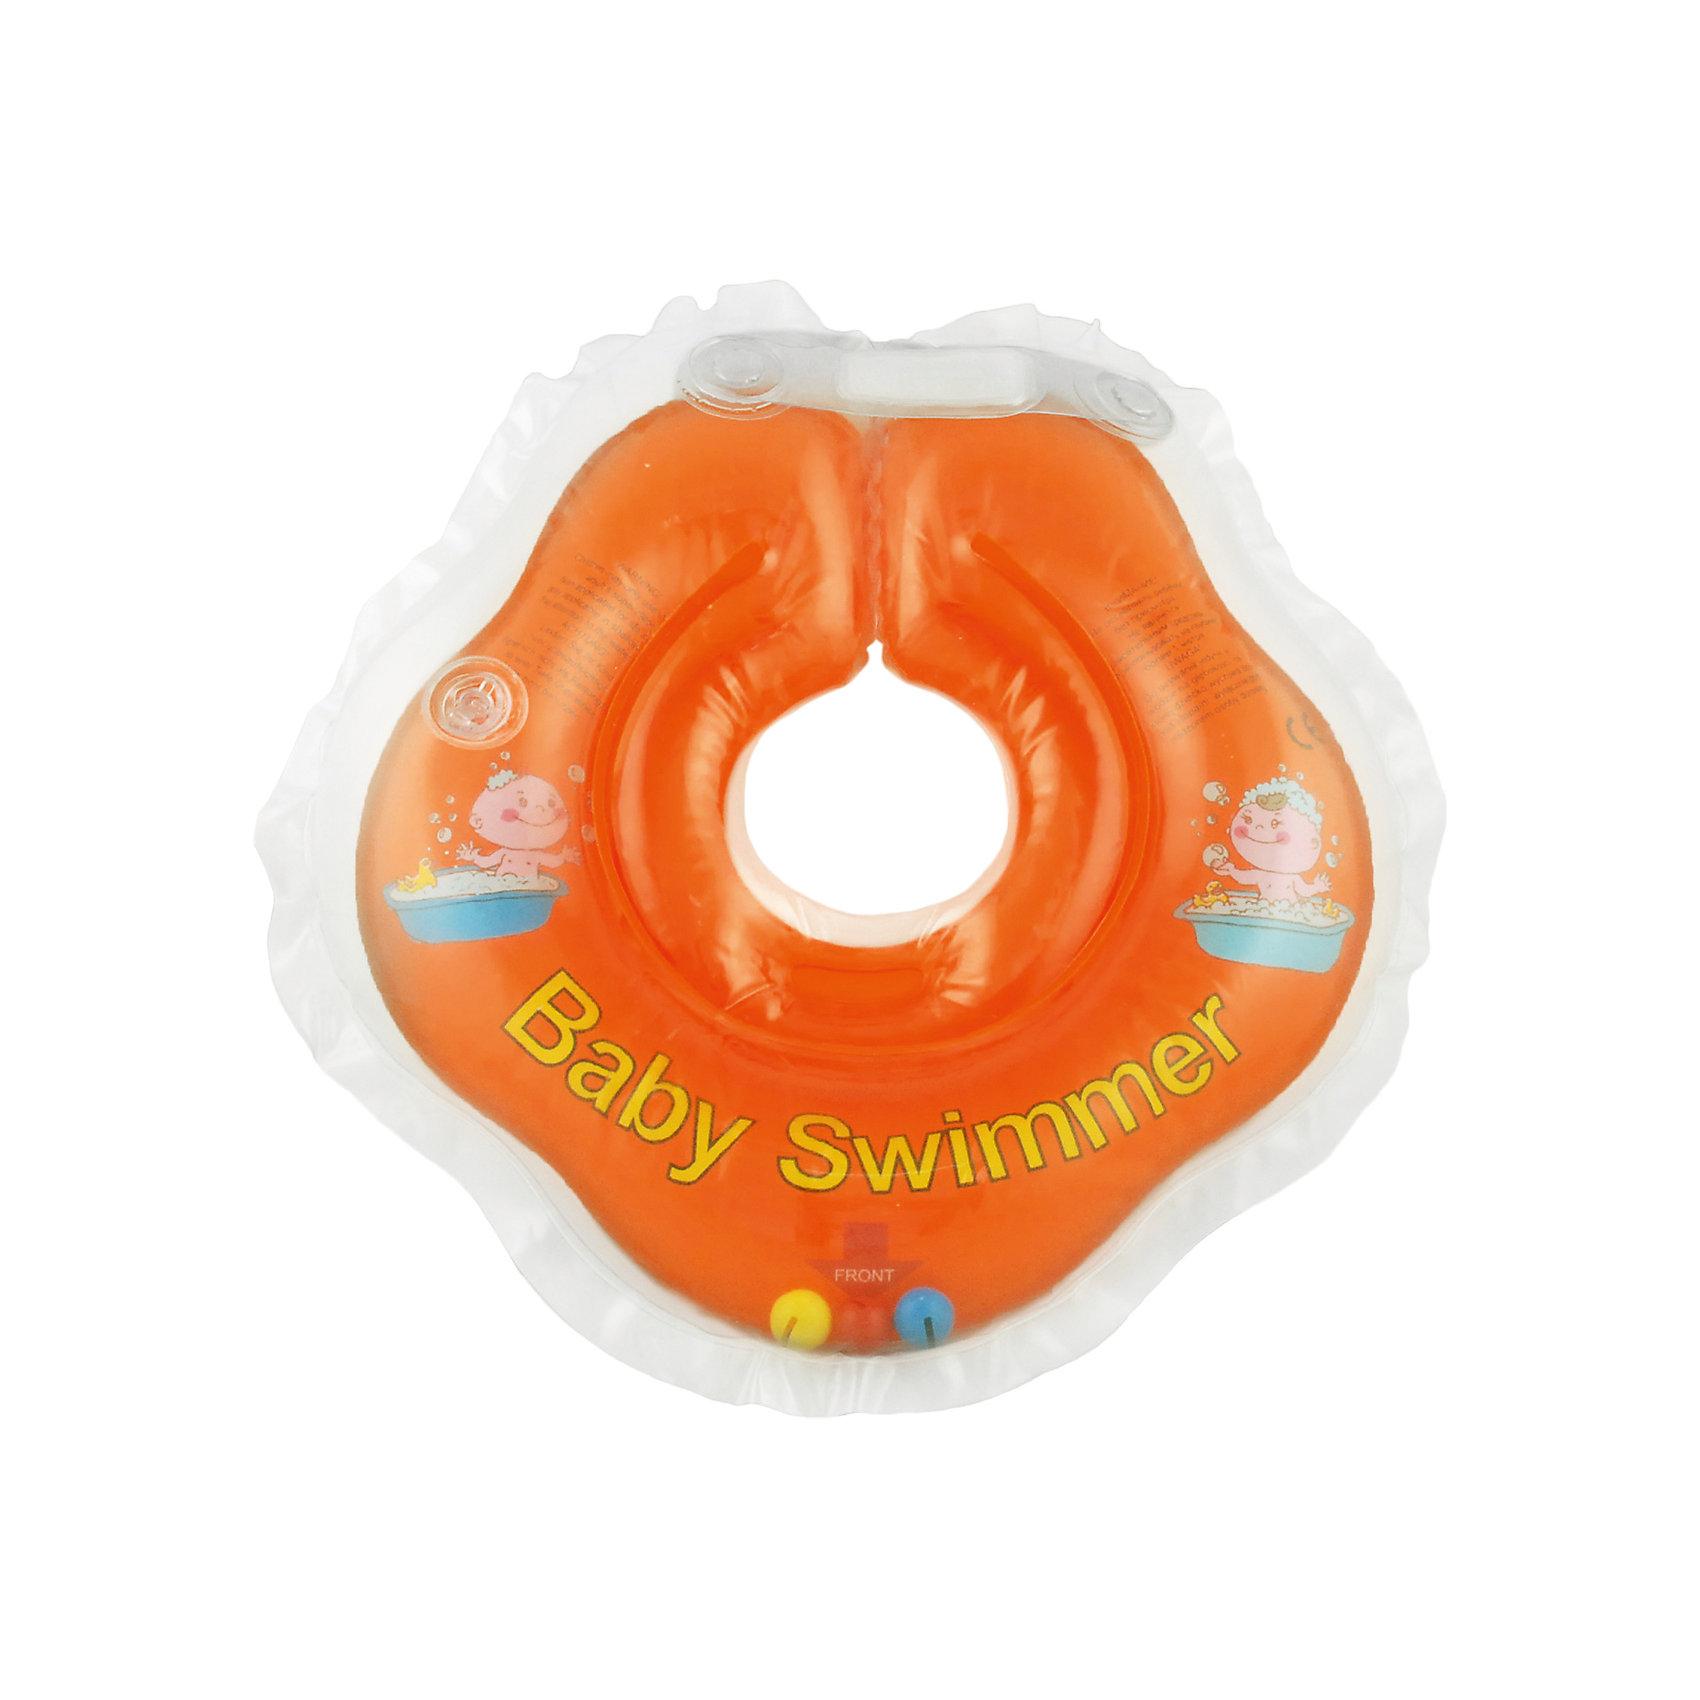 Круг для купания с погремушкой внутри BabySwimmer, оранжевыйКруги для купания малыша<br>Круг для купания Baby Swimmer с погремушкой – улучшенная вариация классической одноименной модели. Отличительная особенность – погремушка внутри круга. Устройство обеспечит безопасность купания малыша, избавит  от страха воды и сделает водные процедуры веселой игрой. У круга есть устройство, поддерживающее подбородок, что позволит избежать проглатывание воды малышом. У круга яркие цвета, необычный дизайн и веселые картинки по бокам, которые понравится всем детям. Все материалы, использованные при разработке и изготовлении круга для купания безопасны для использования, отвечают всем требованиям экологичности и качества детских товаров, а так же гипоаллергенны.<br><br>Дополнительная информация:<br><br>модель: Baby Swimmer;<br>цвет: оранжевый.<br><br>Круг для купания с погремушкой внутри Baby Swimmer можно приобрести в нашем магазине.<br><br>Ширина мм: 150<br>Глубина мм: 40<br>Высота мм: 150<br>Вес г: 140<br>Возраст от месяцев: 0<br>Возраст до месяцев: 24<br>Пол: Унисекс<br>Возраст: Детский<br>SKU: 4968100